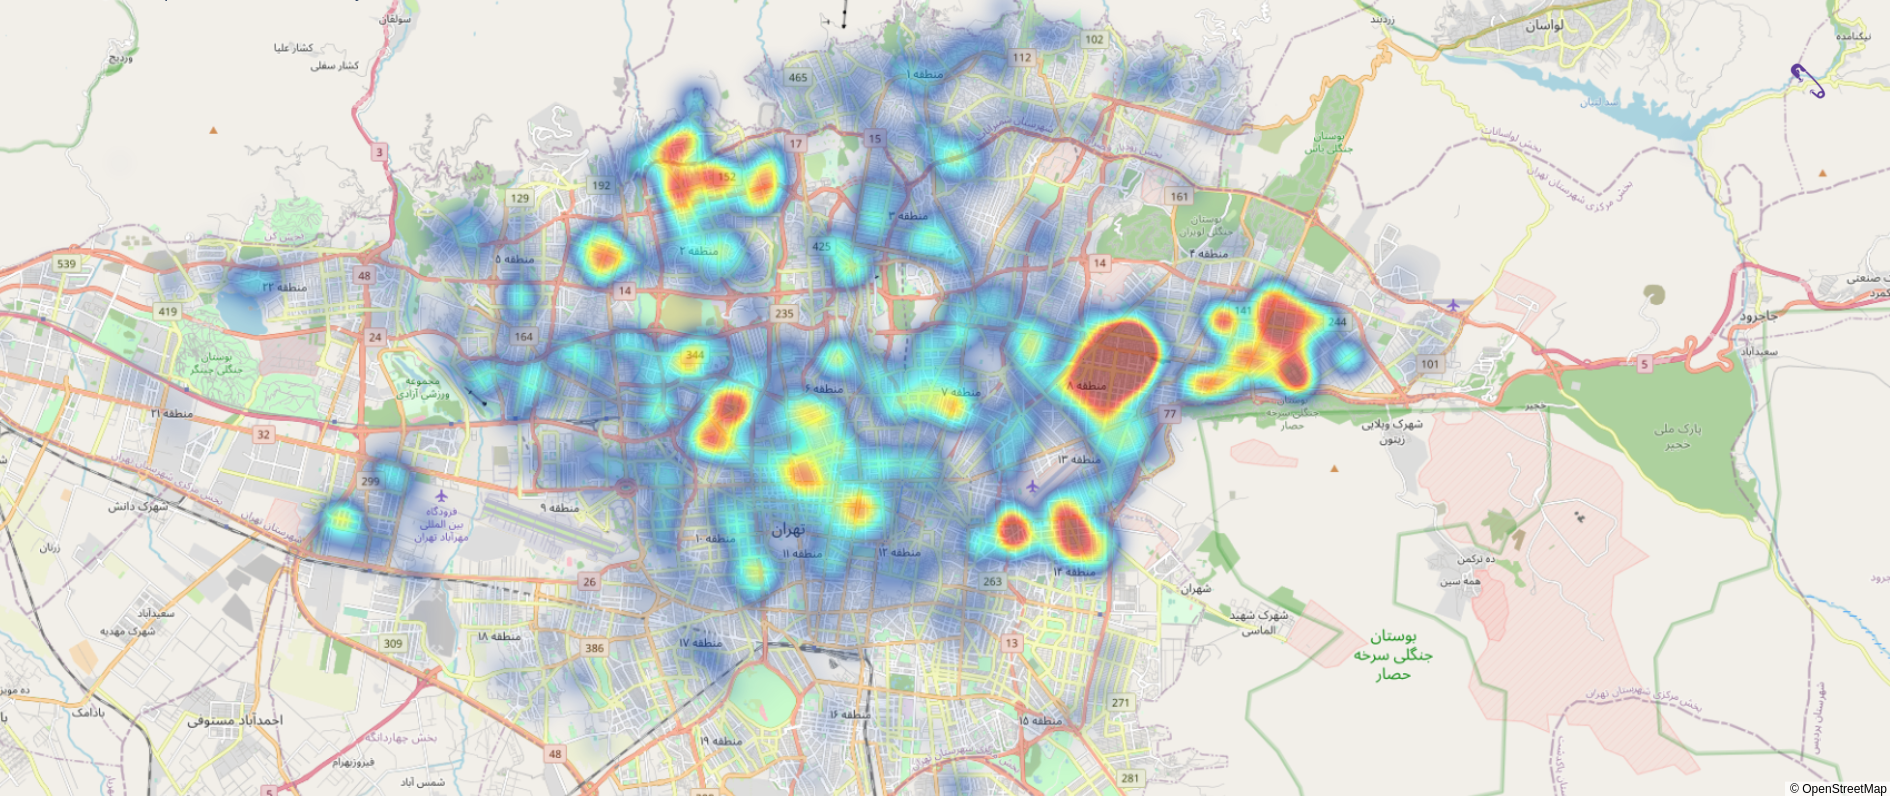 توزیع درخواست آنلاین برای خدمات خانه در تهران